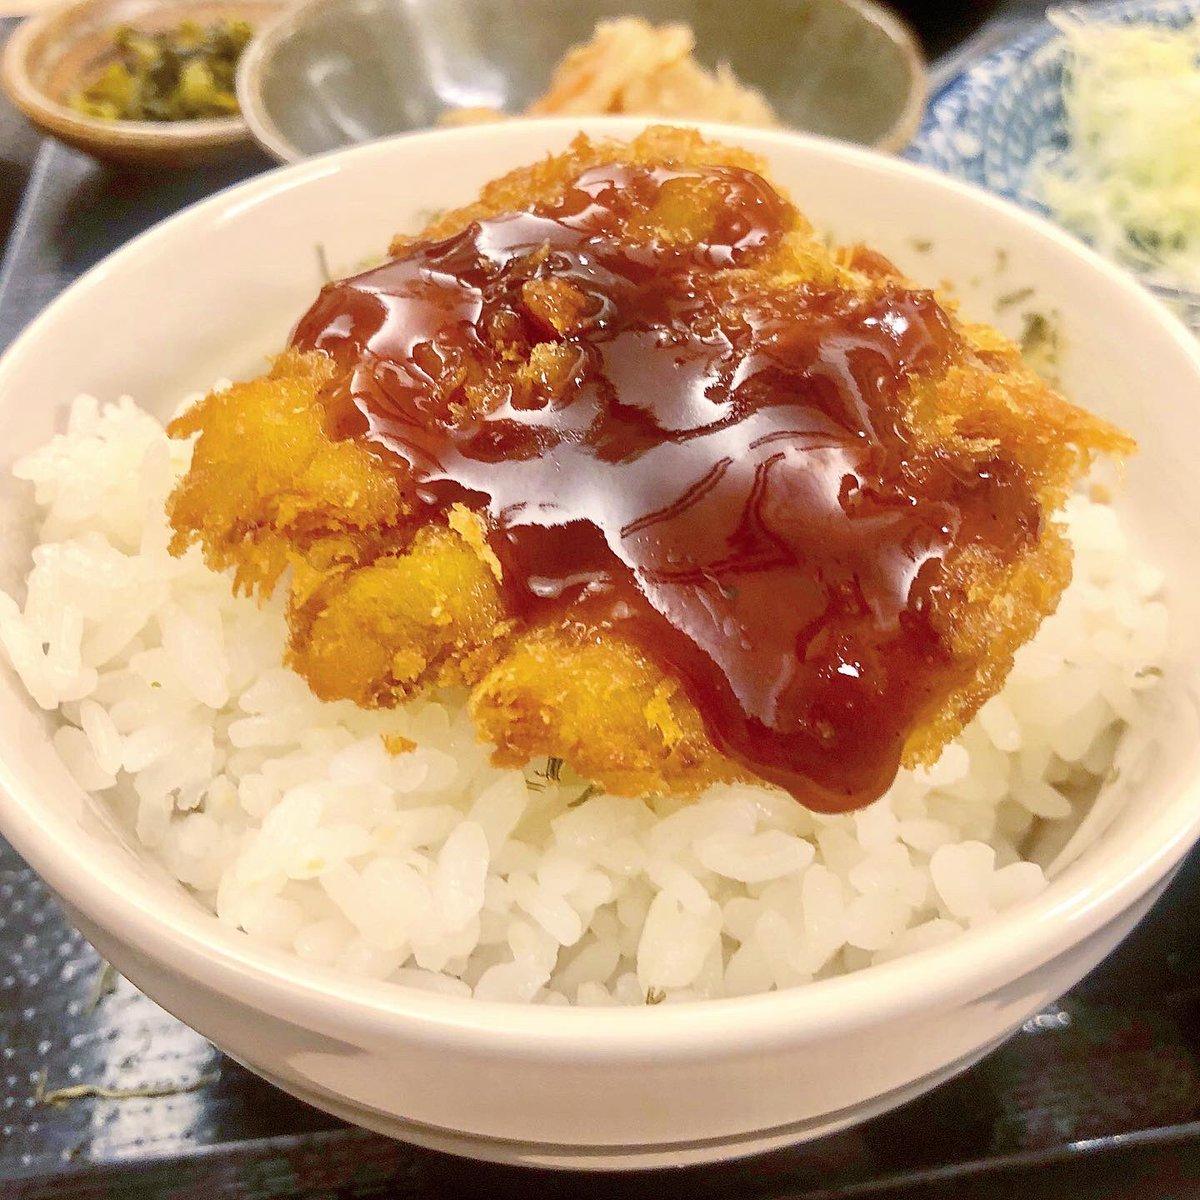 しゃぶしゃぶ 芋つる 別館 ・立山ポークのヒレカツ膳 #カツ #新橋グルメ #東京グルメ #東京 #ランチ #和食 #定食 #japan #tokyo #yummy #yum #lunch #dinner #pork #meat #wasyoku #美味しい #美味 #food #foodie #gourmet #グルメ #グルメな人と繋がりたい #晩ご飯 #昼ごはん #ヒレカツ #しゃぶしゃぶpic.twitter.com/sWoRrBN8Cx